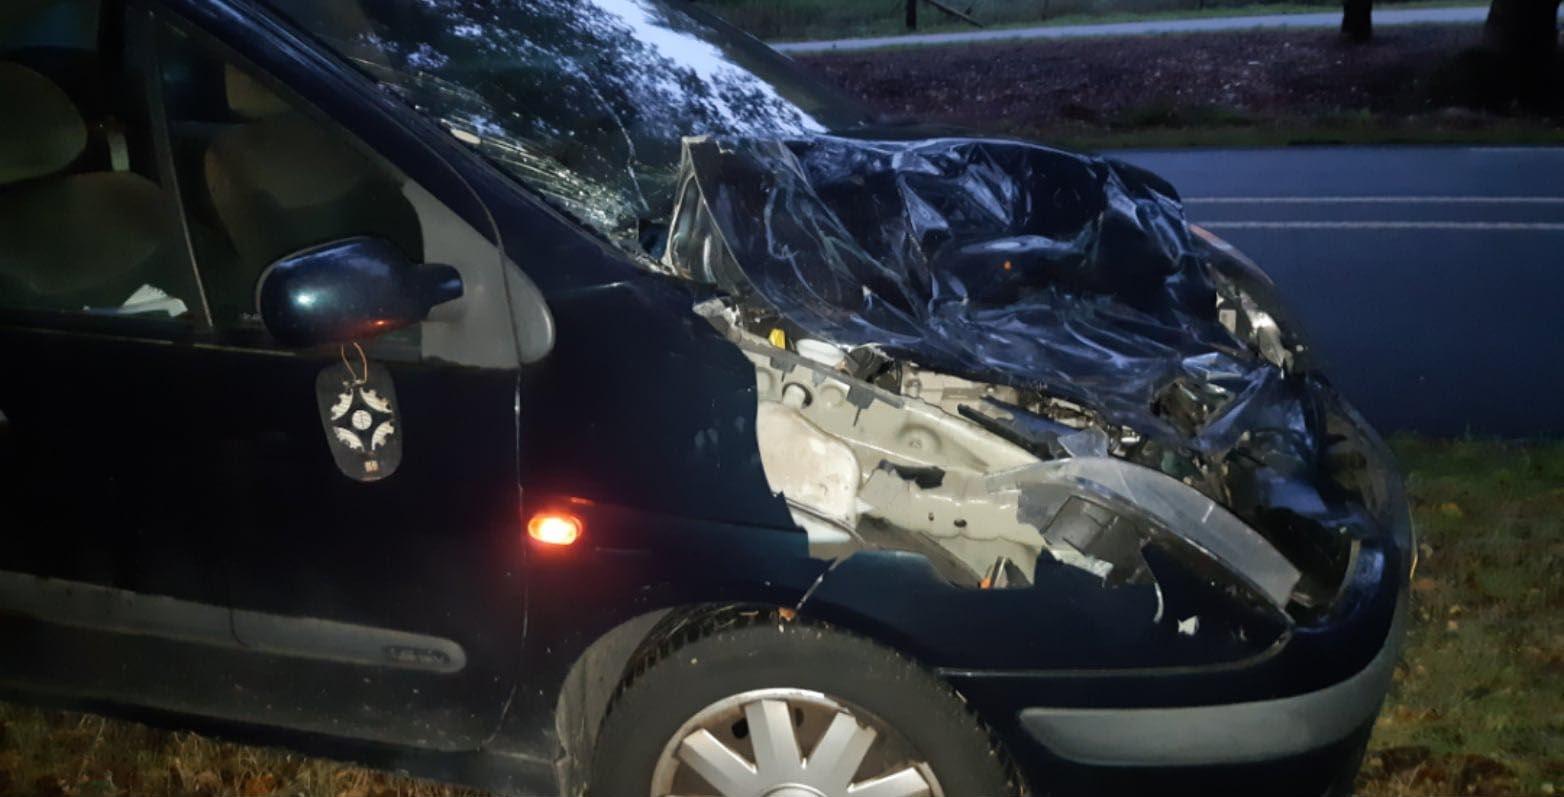 De totaal vernielde auto na de aanrijding met het edelhert - Foto: ©Politie Ede